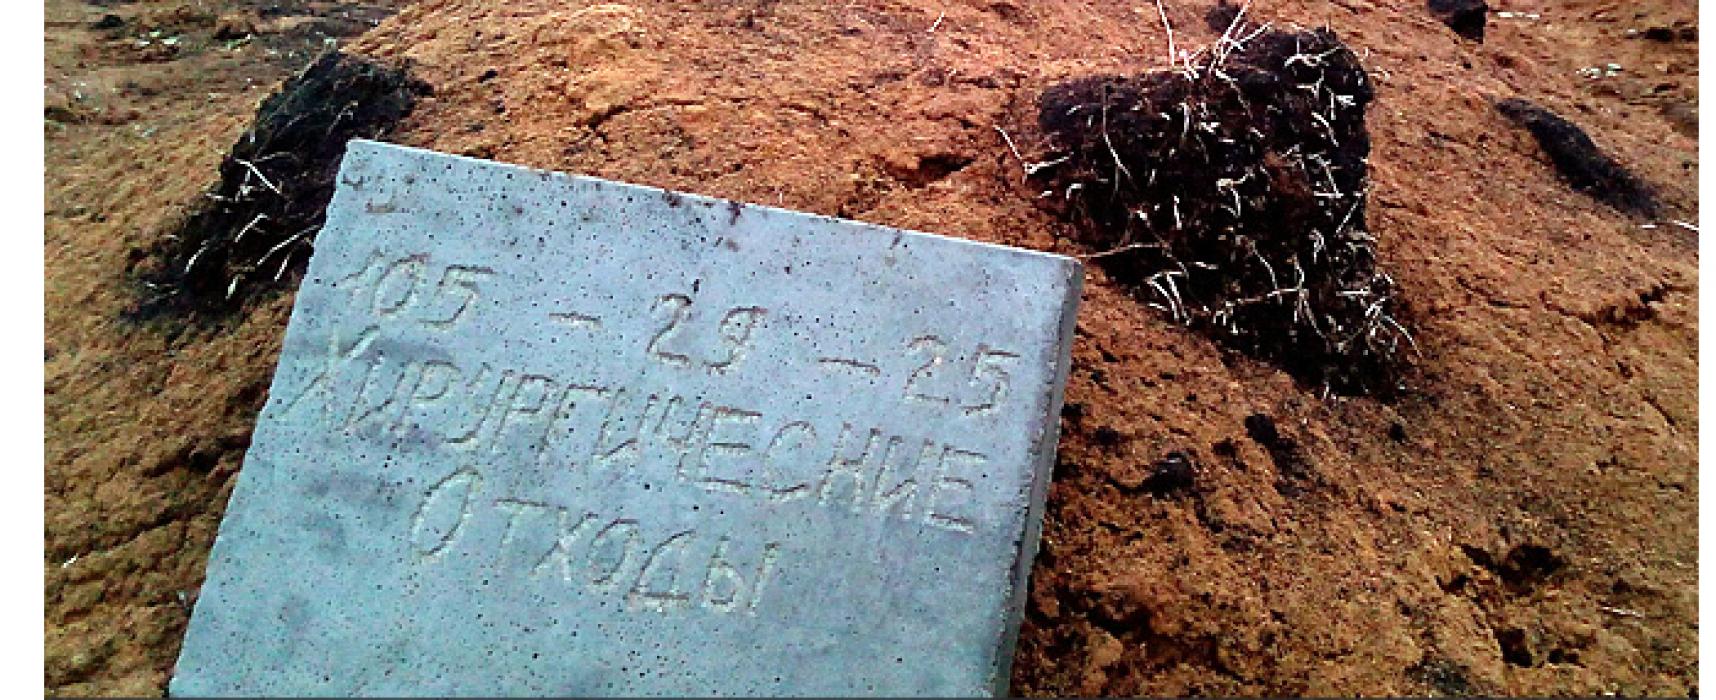 Доказательств того, что в Ростове-на-Дону или Одессе погибших на Донбассе бойцов хоронят под табличками «хирургические отходы», нет